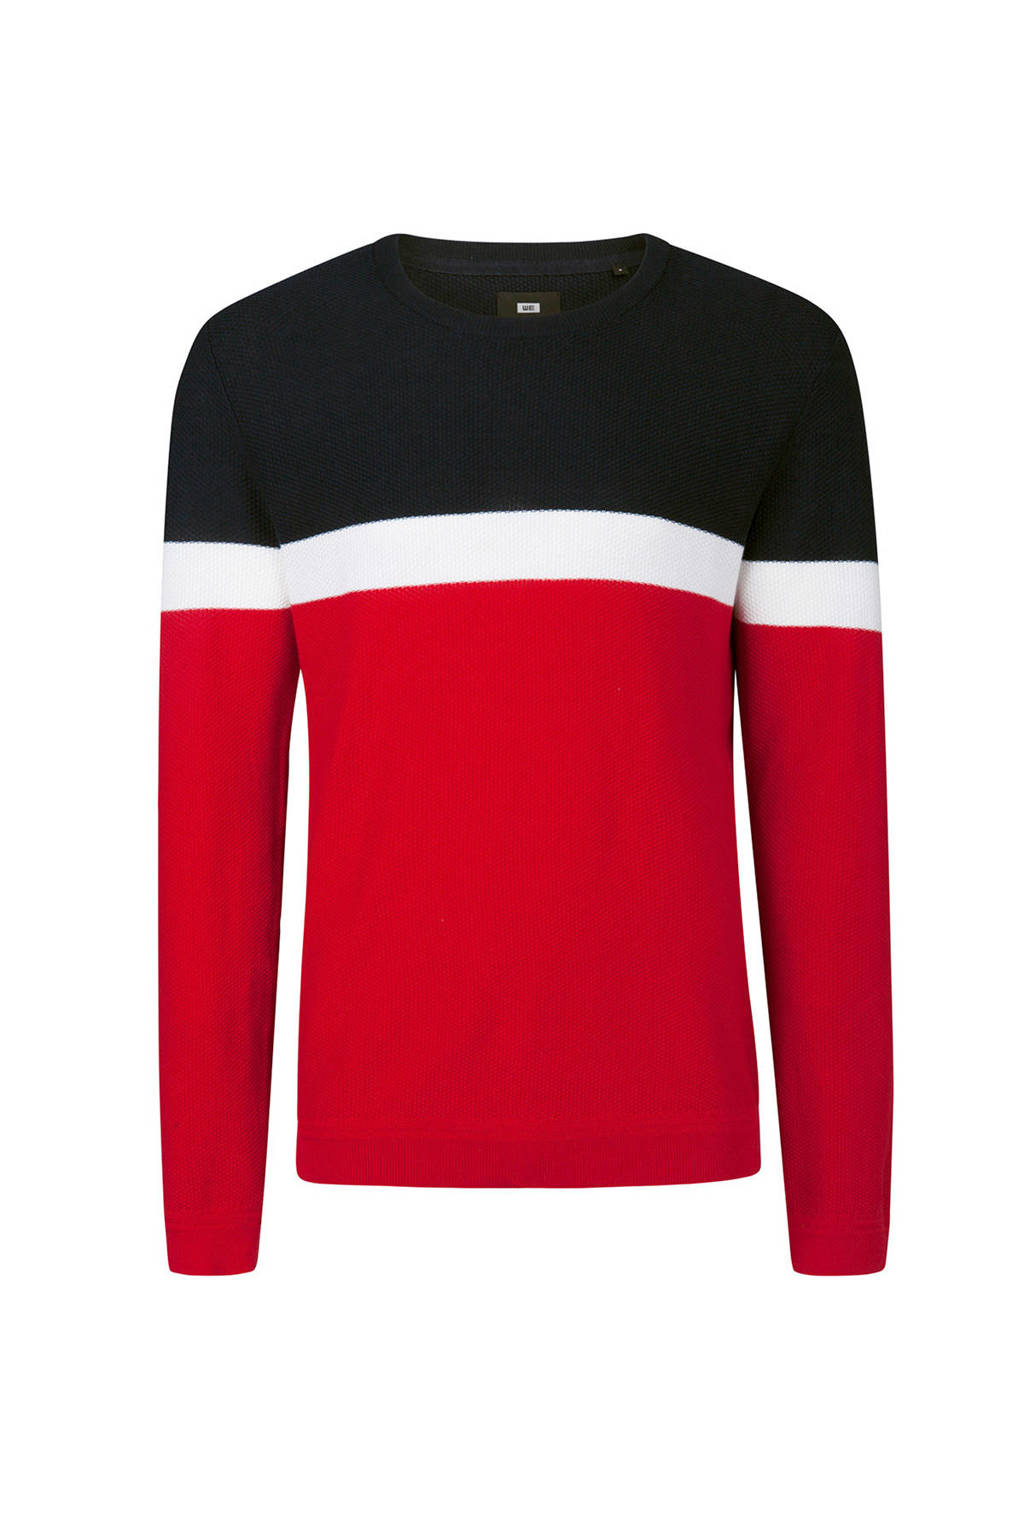 WE Fashion trui, Chilli Red